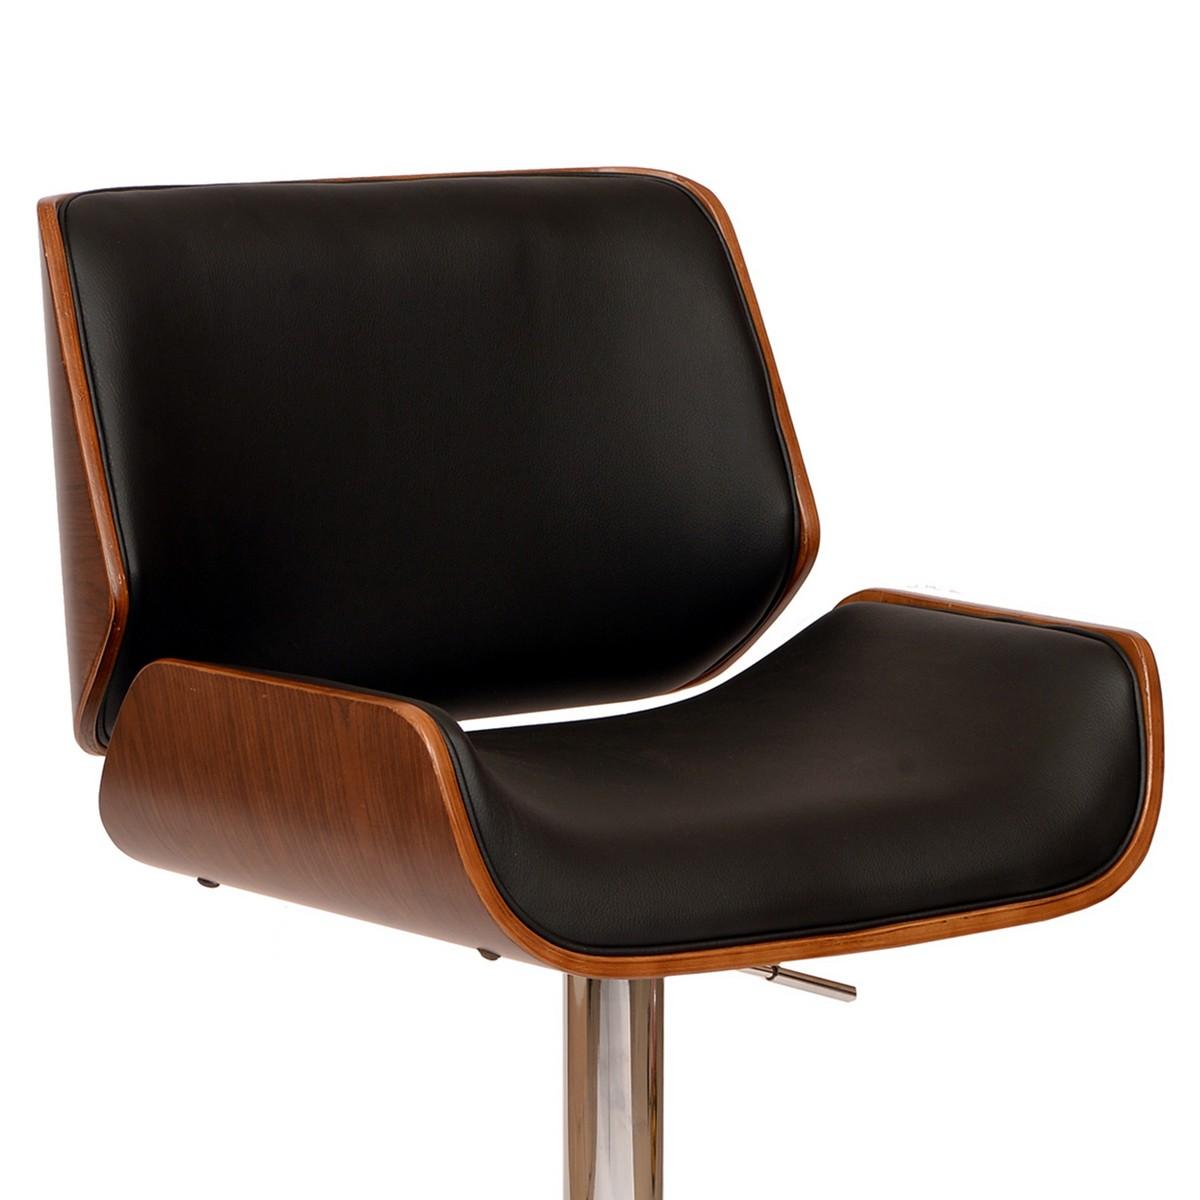 Armen Living London Swivel Barstool In Black Leatherette/ Walnut Veneer and Chrome Base